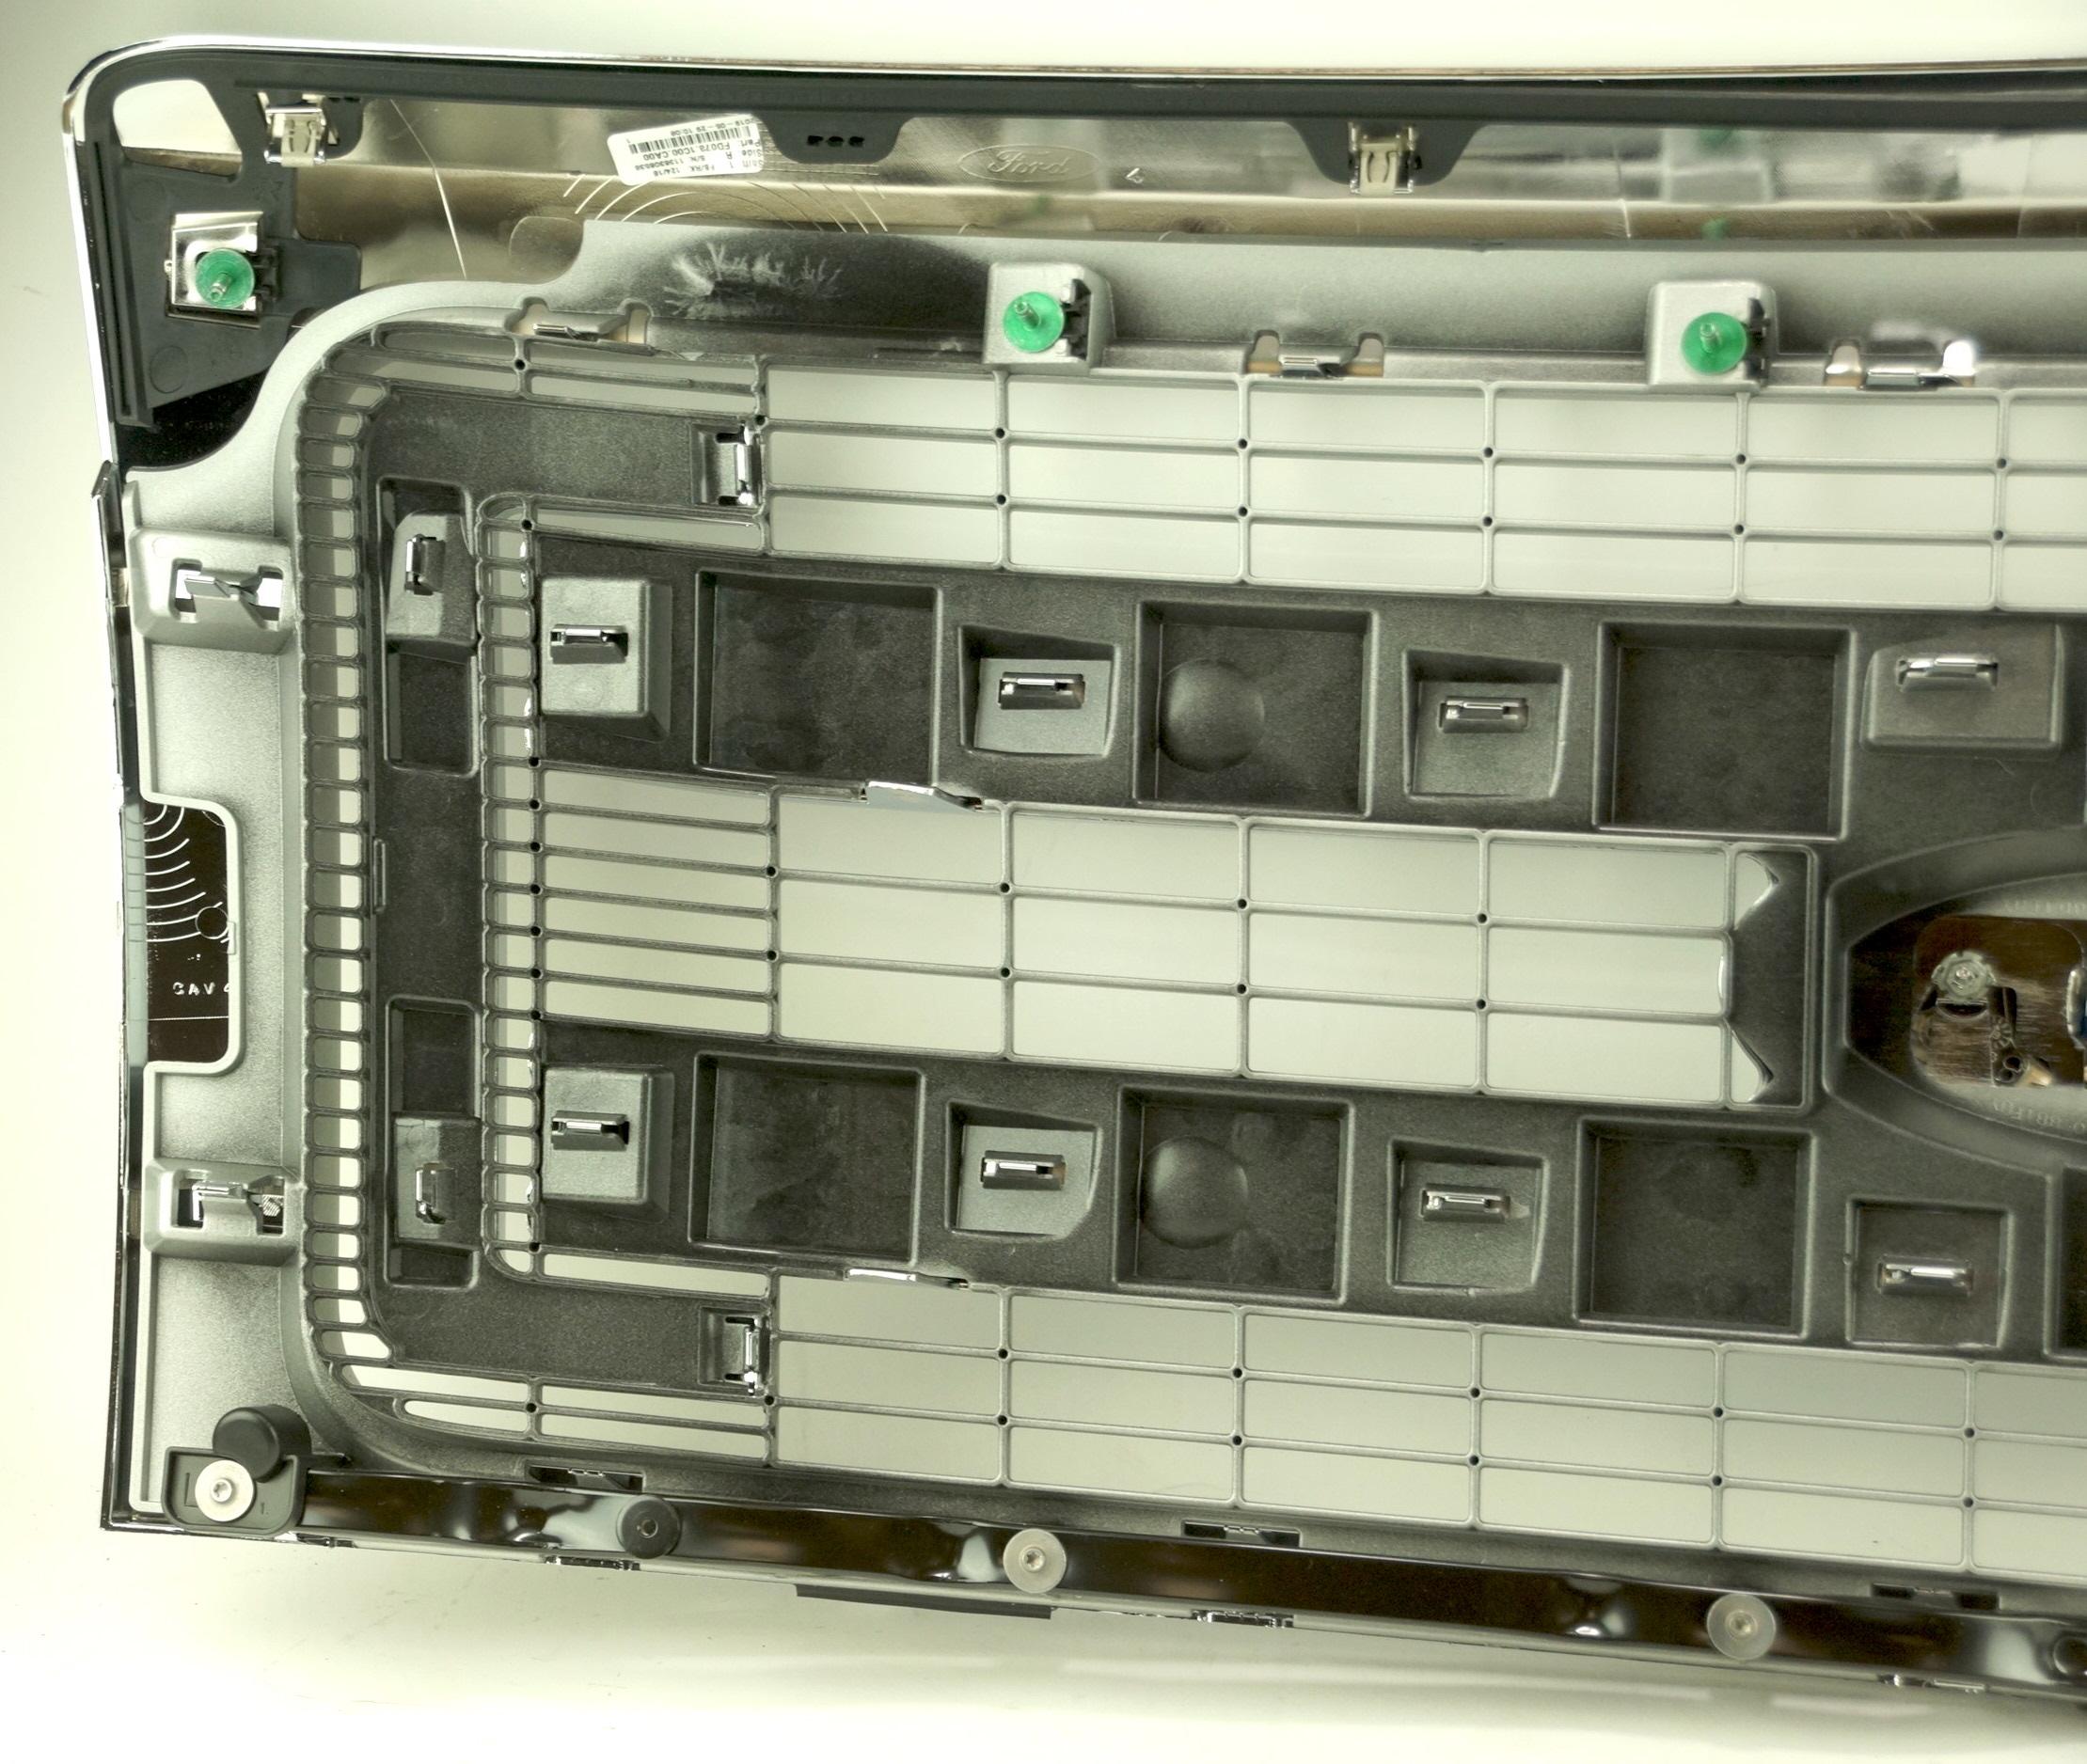 New Genuine OEM DL3Z8200BA Ford Front Grille Assembly w/ Emblem 09-14 F-150 XLT - image 8